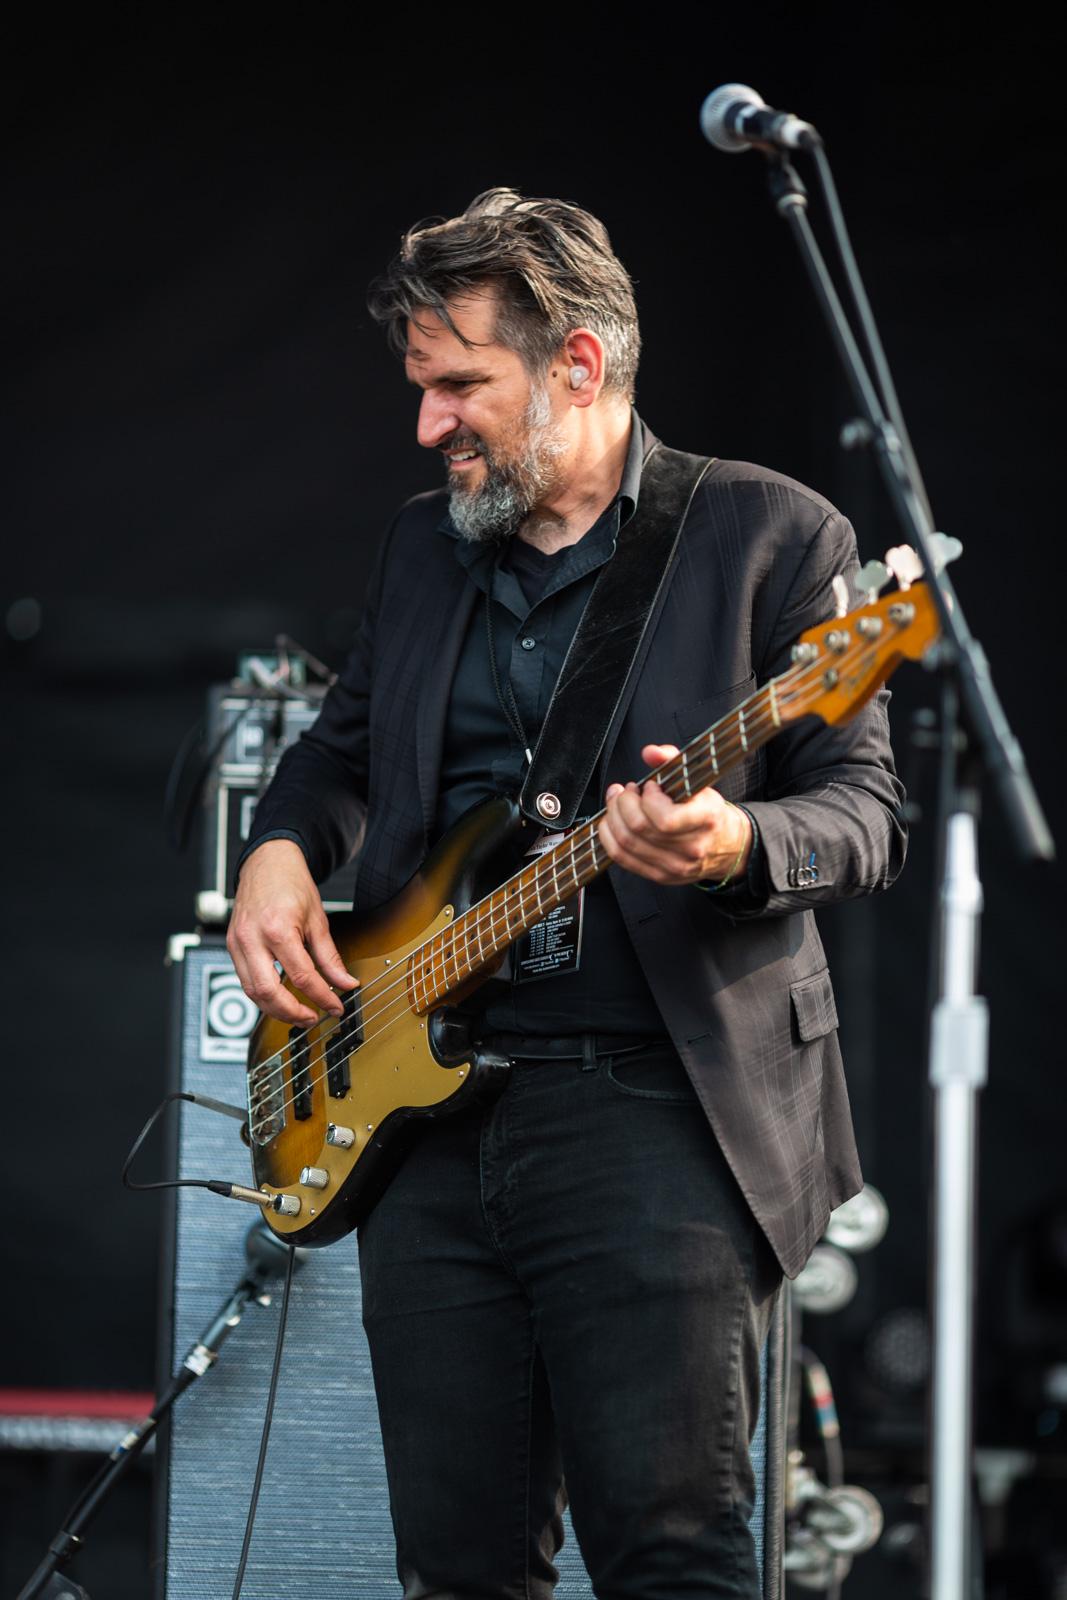 bluesfest-2019-blog-149.jpg